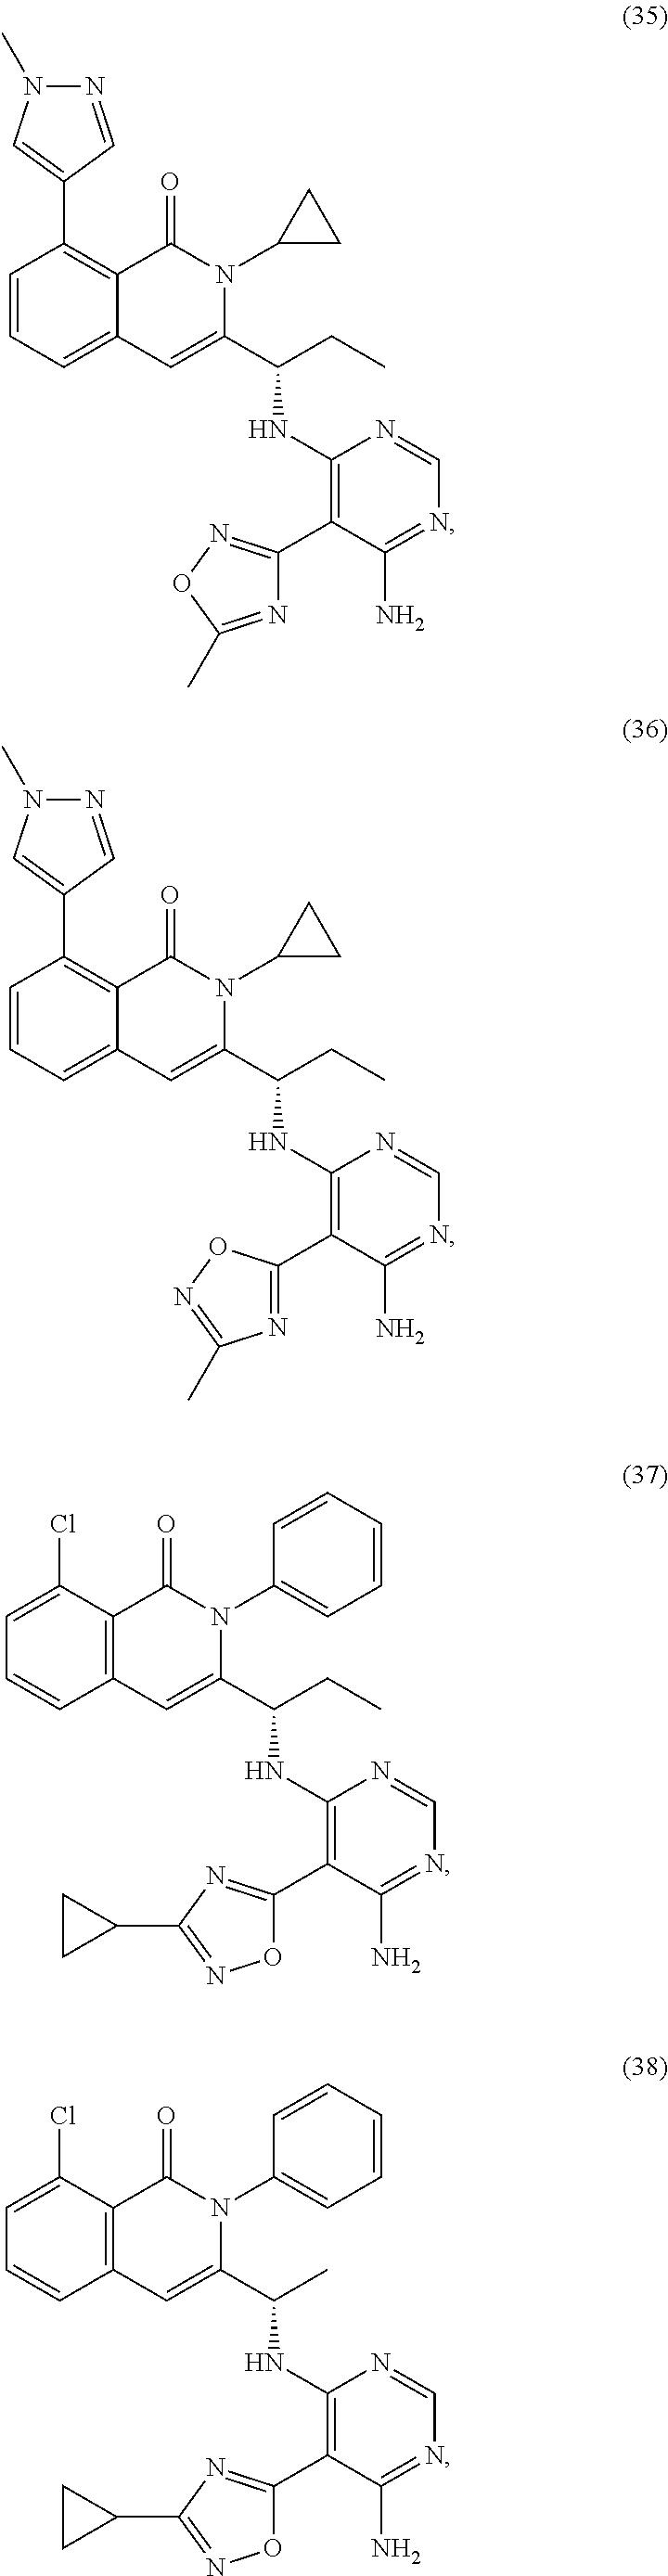 Figure US09657007-20170523-C00102